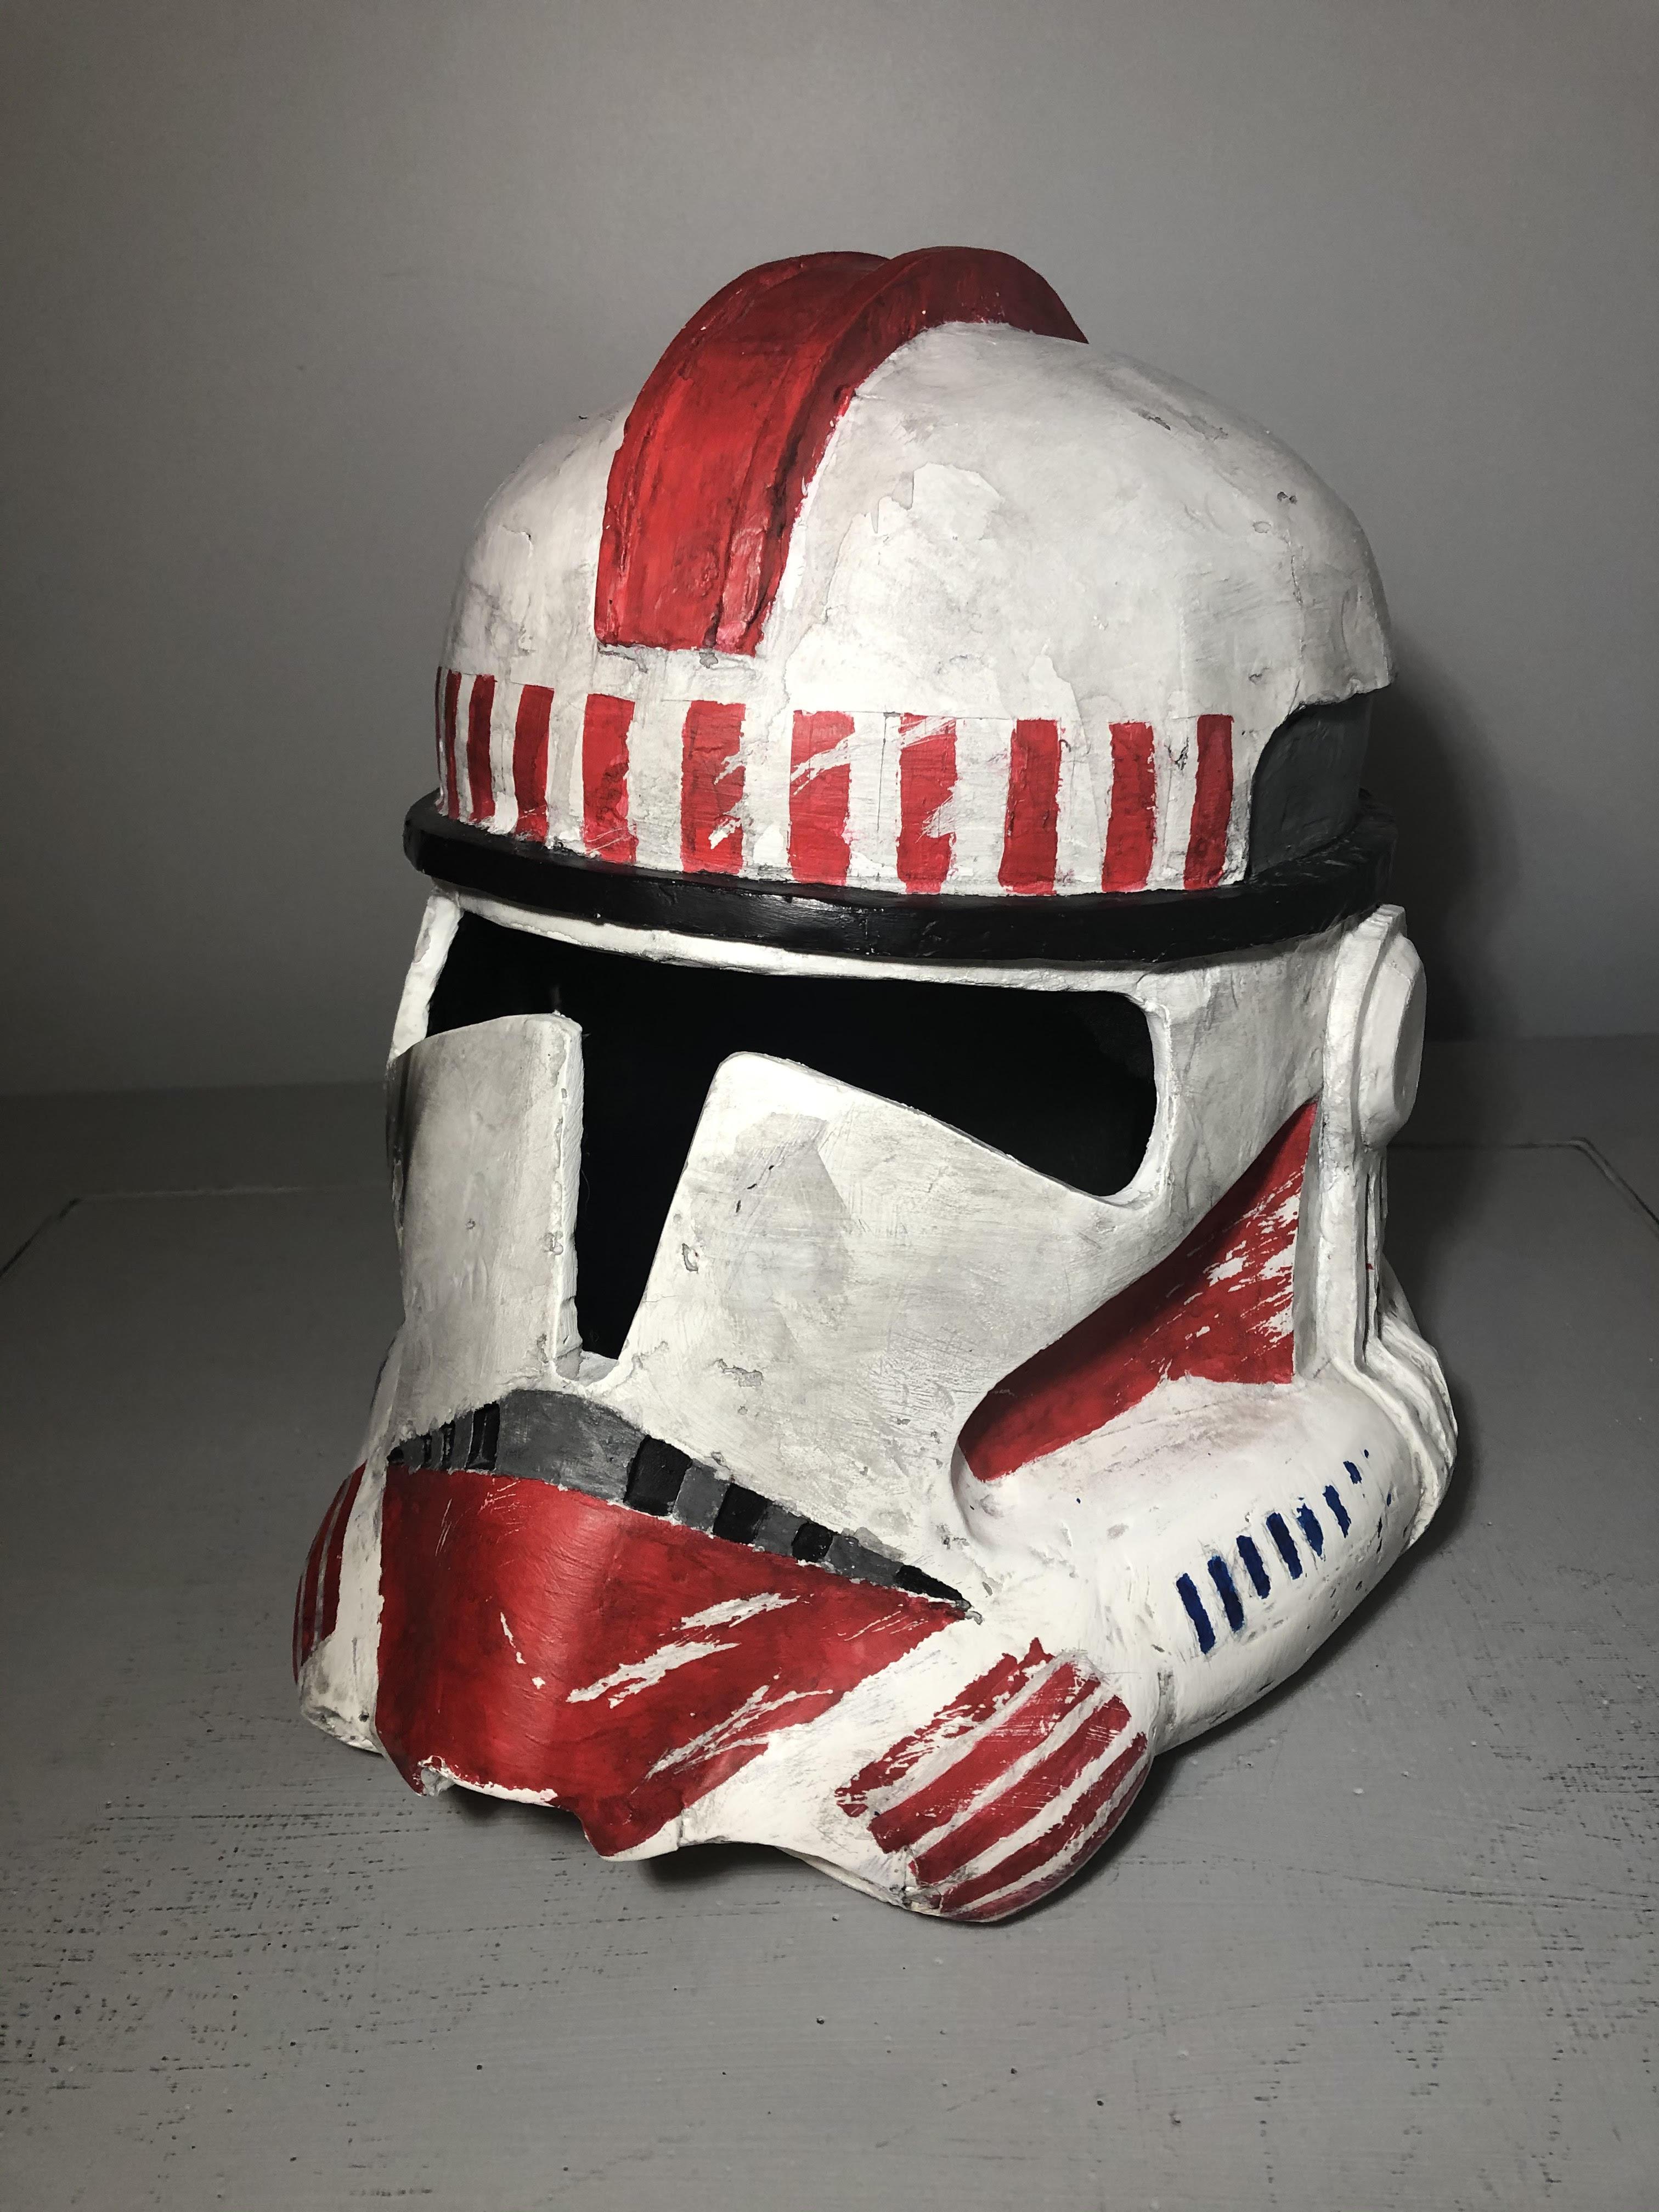 Phase II Helmet (Coruscant Guard) Photo #1.jpg